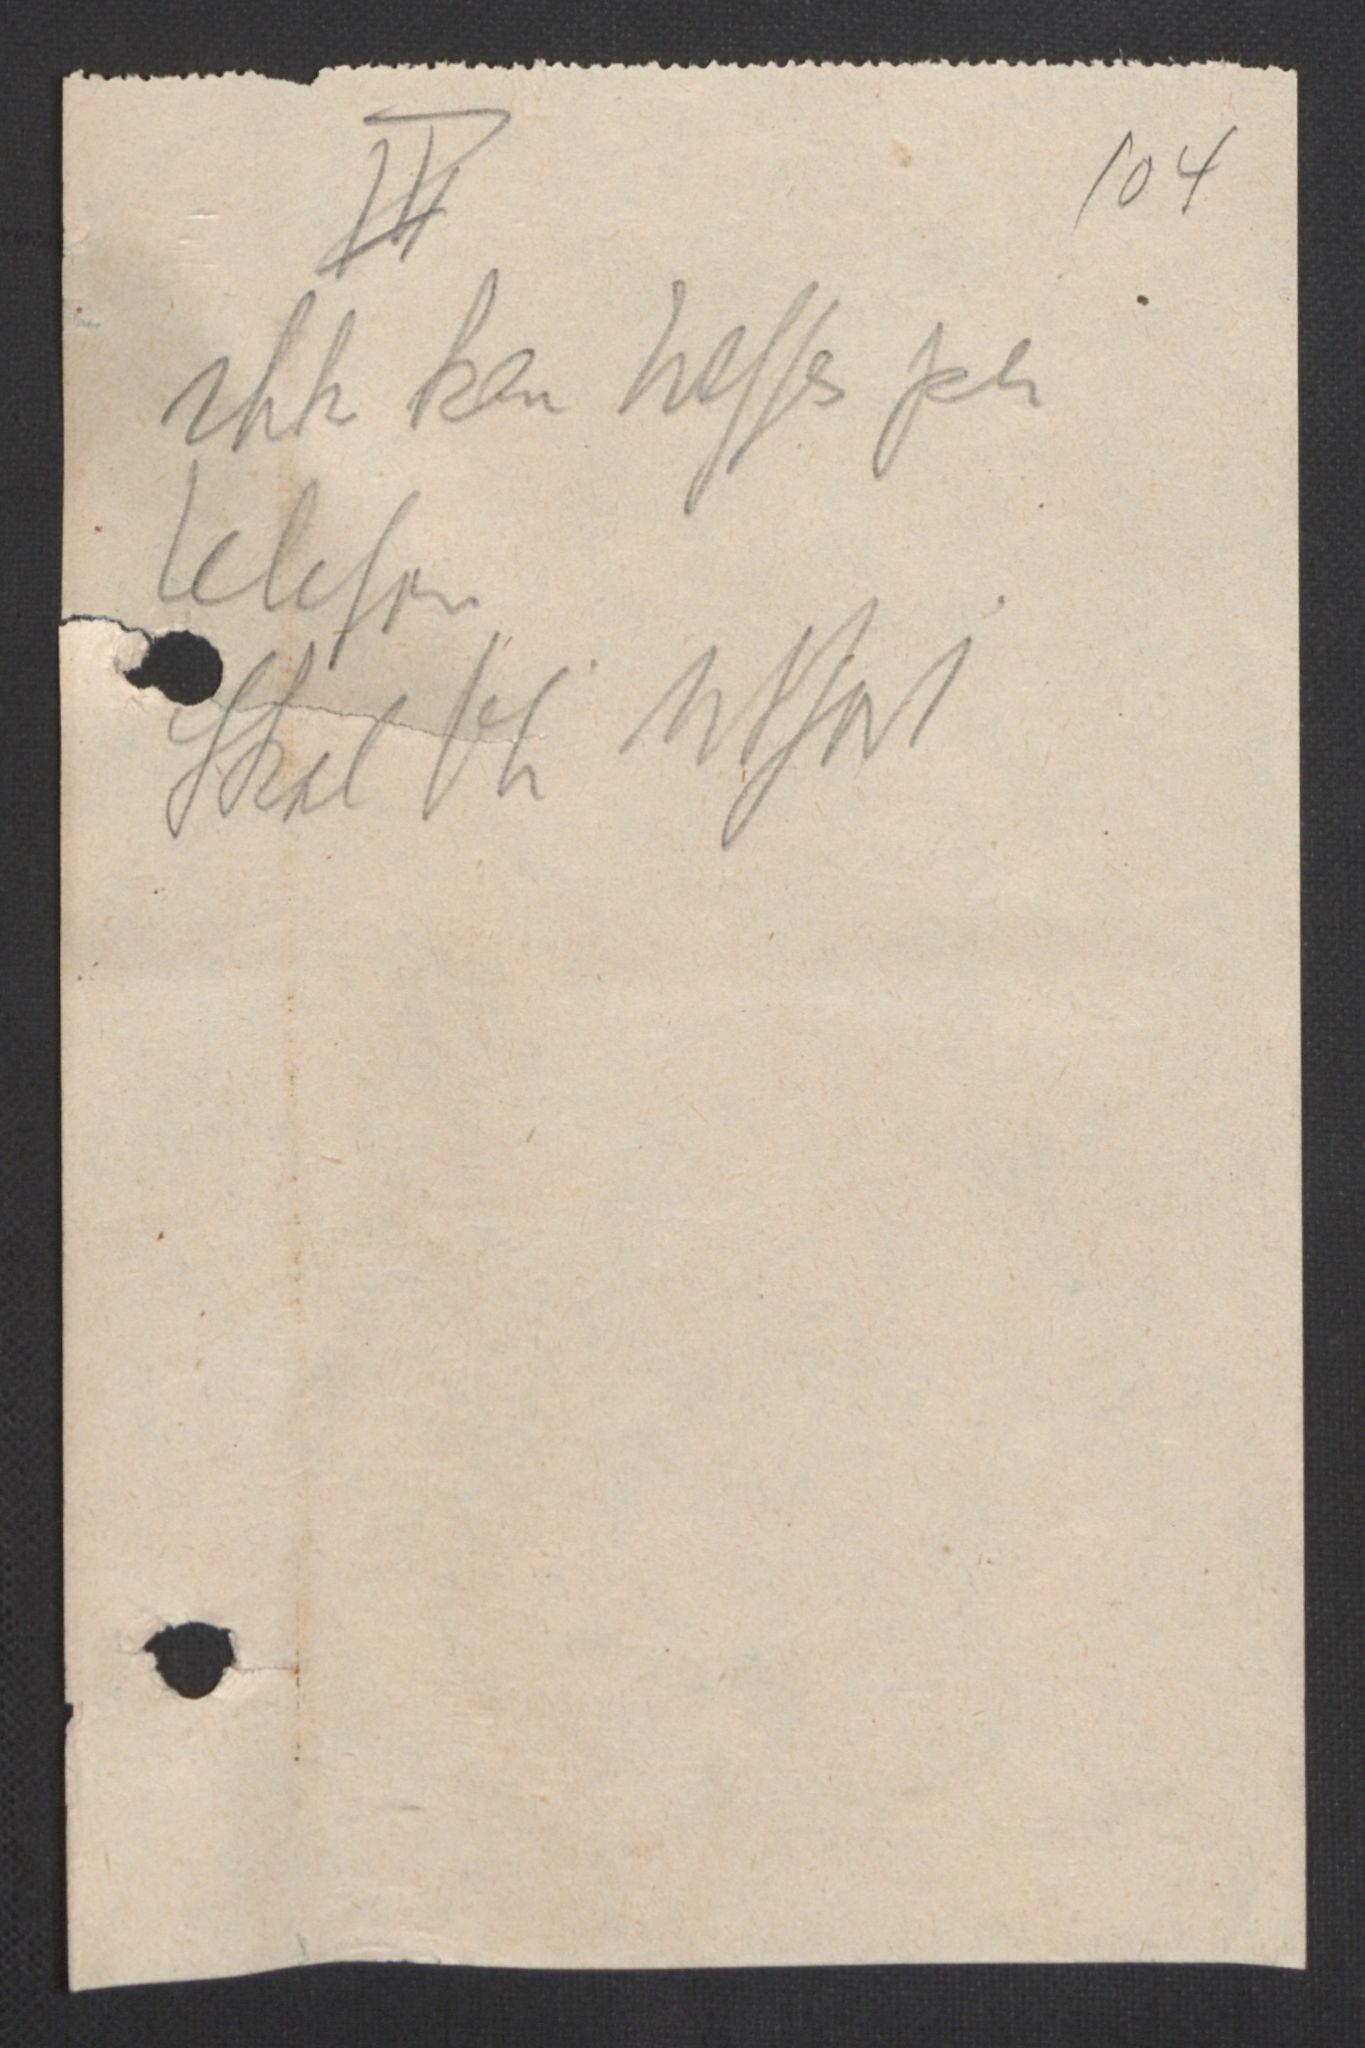 RA, Forsvaret, Forsvarets krigshistoriske avdeling, Y/Yb/L0104: II-C-11-430  -  4. Divisjon., 1940, s. 134